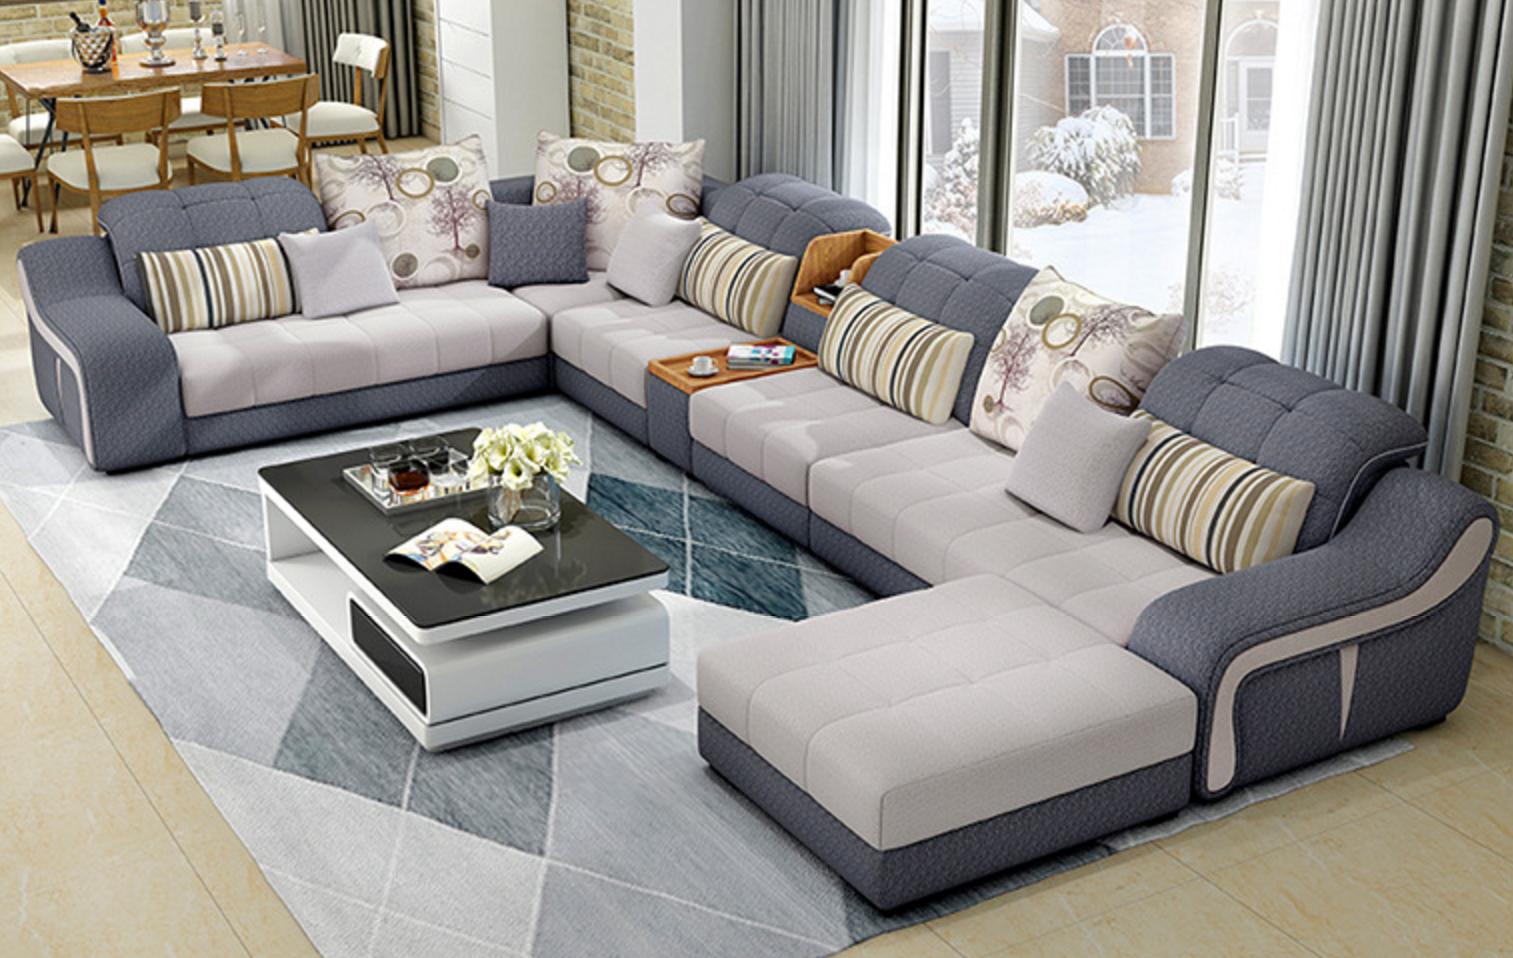 Luxury Modern U Shaped Leather Sectional Sofa Set   Luxury ...